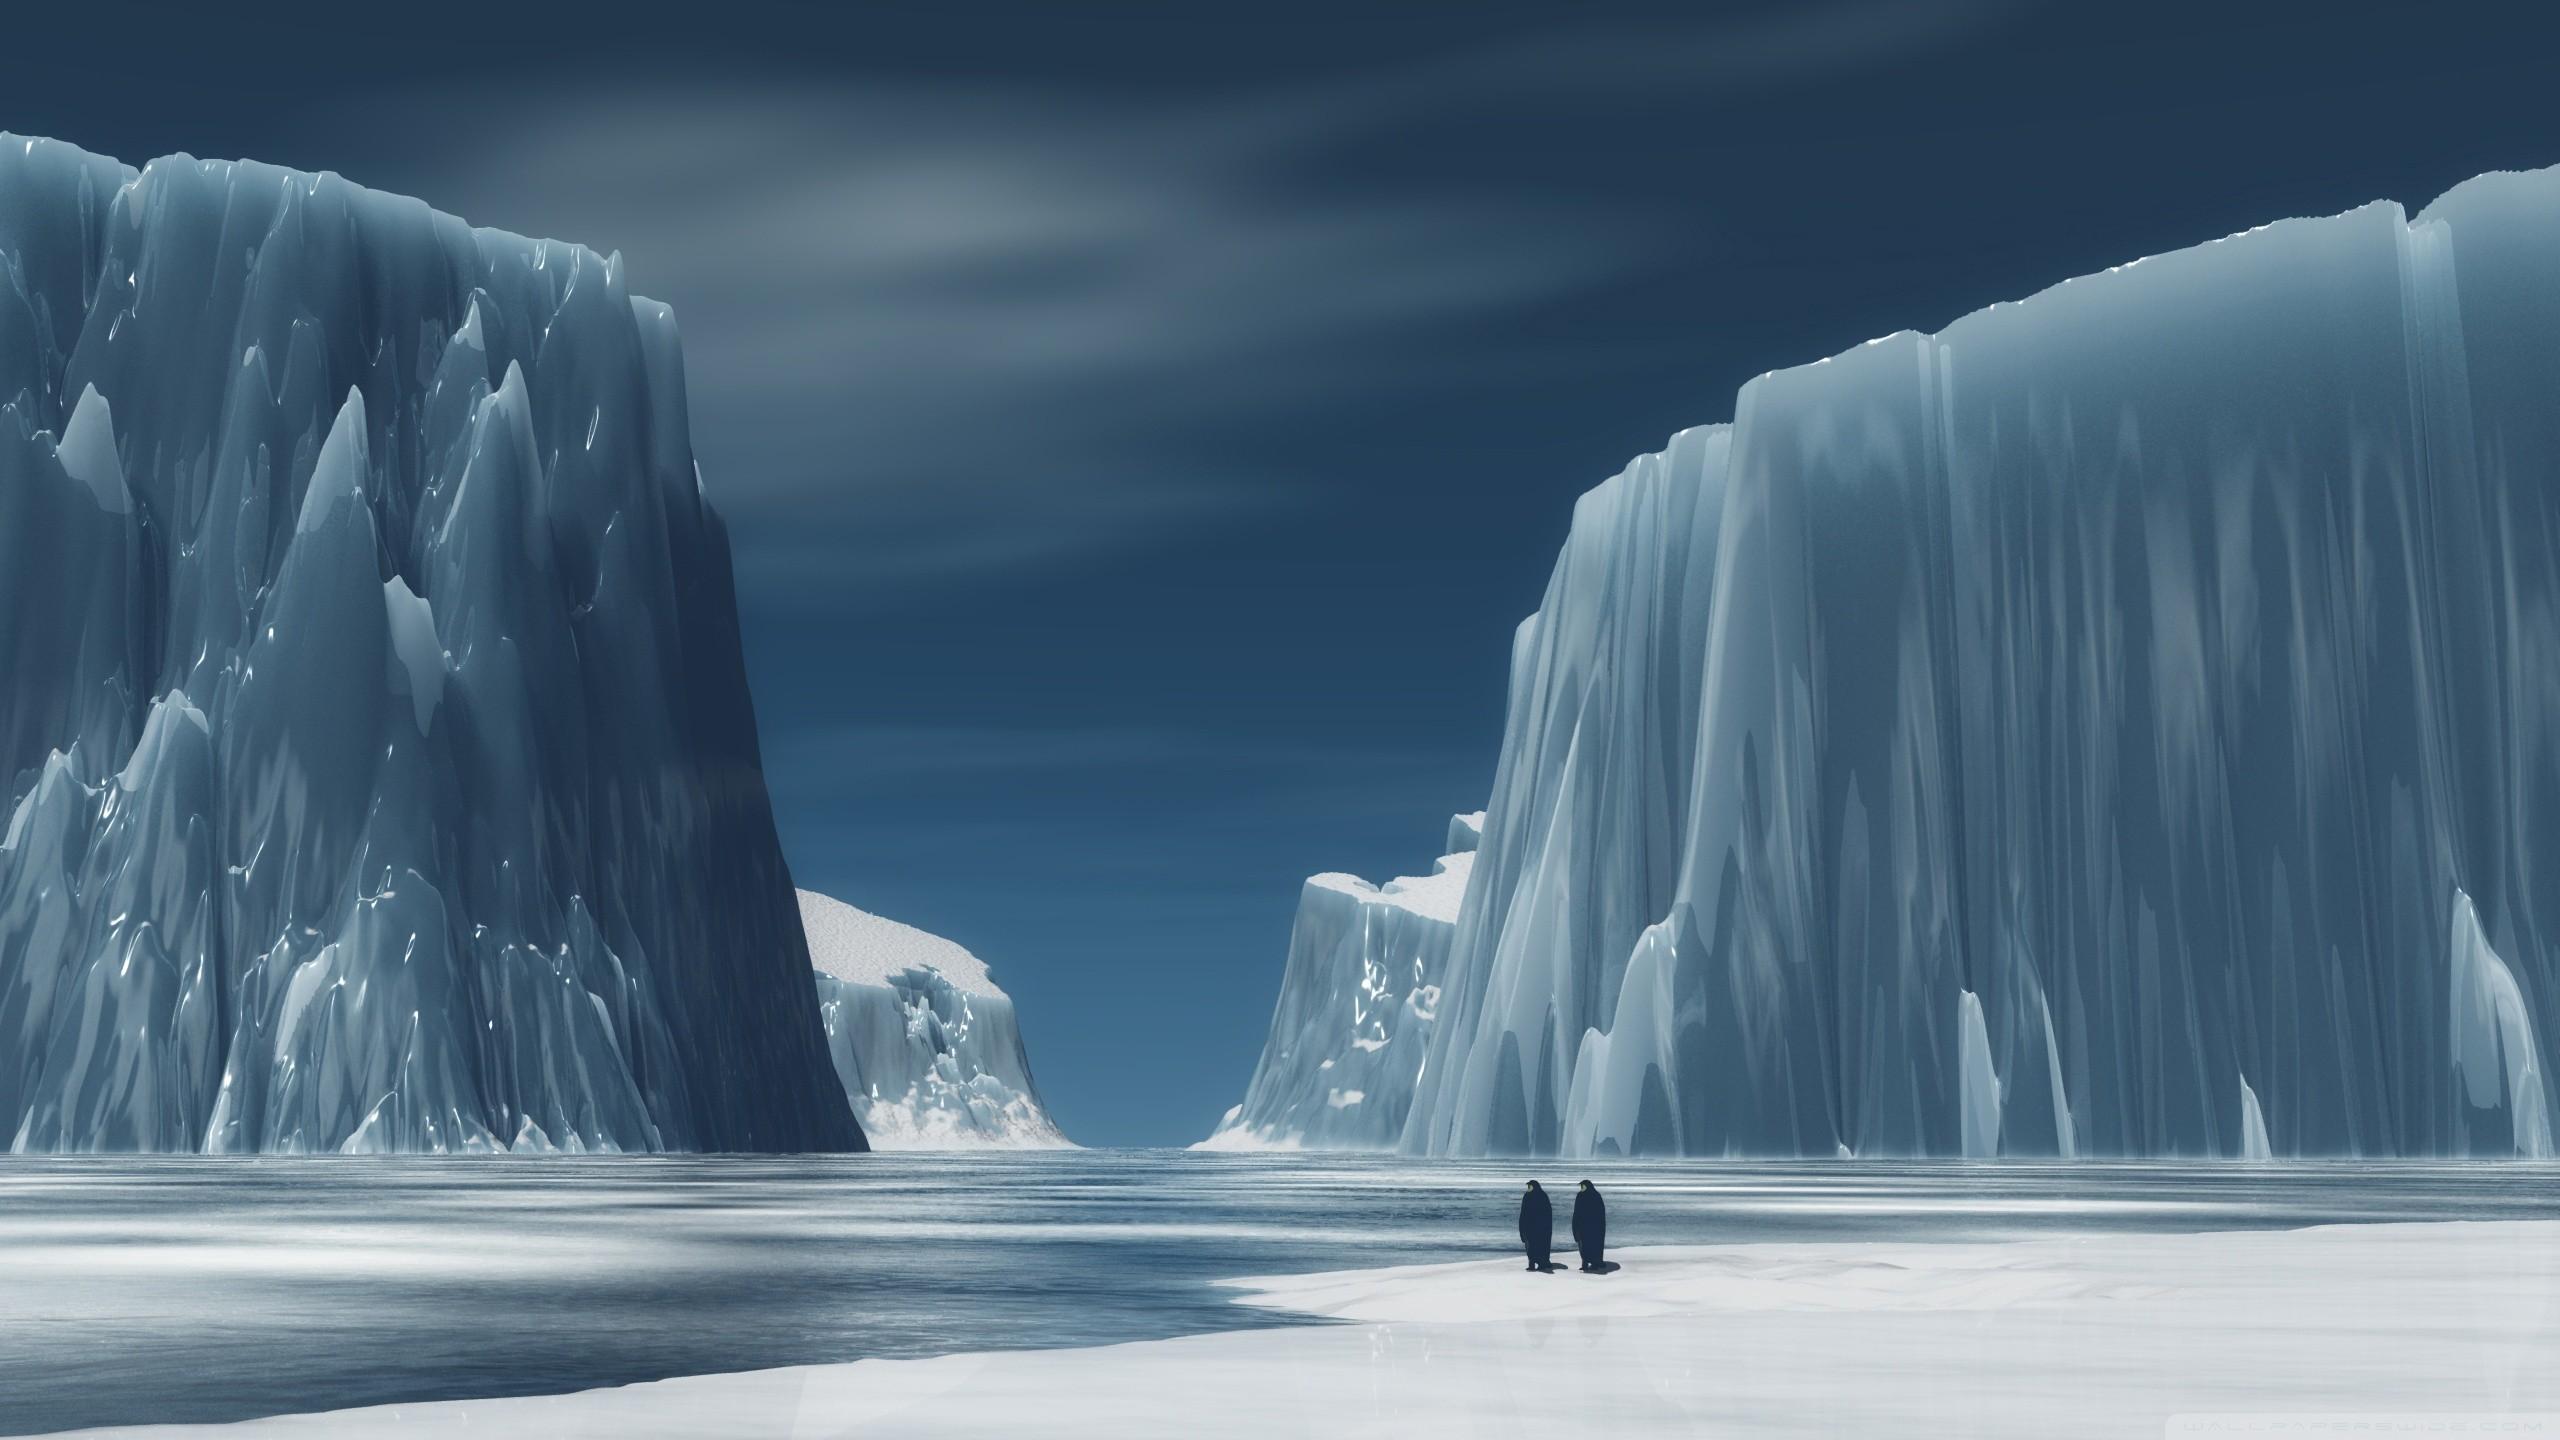 Antarctica Wallpaper 64 images 2560x1440